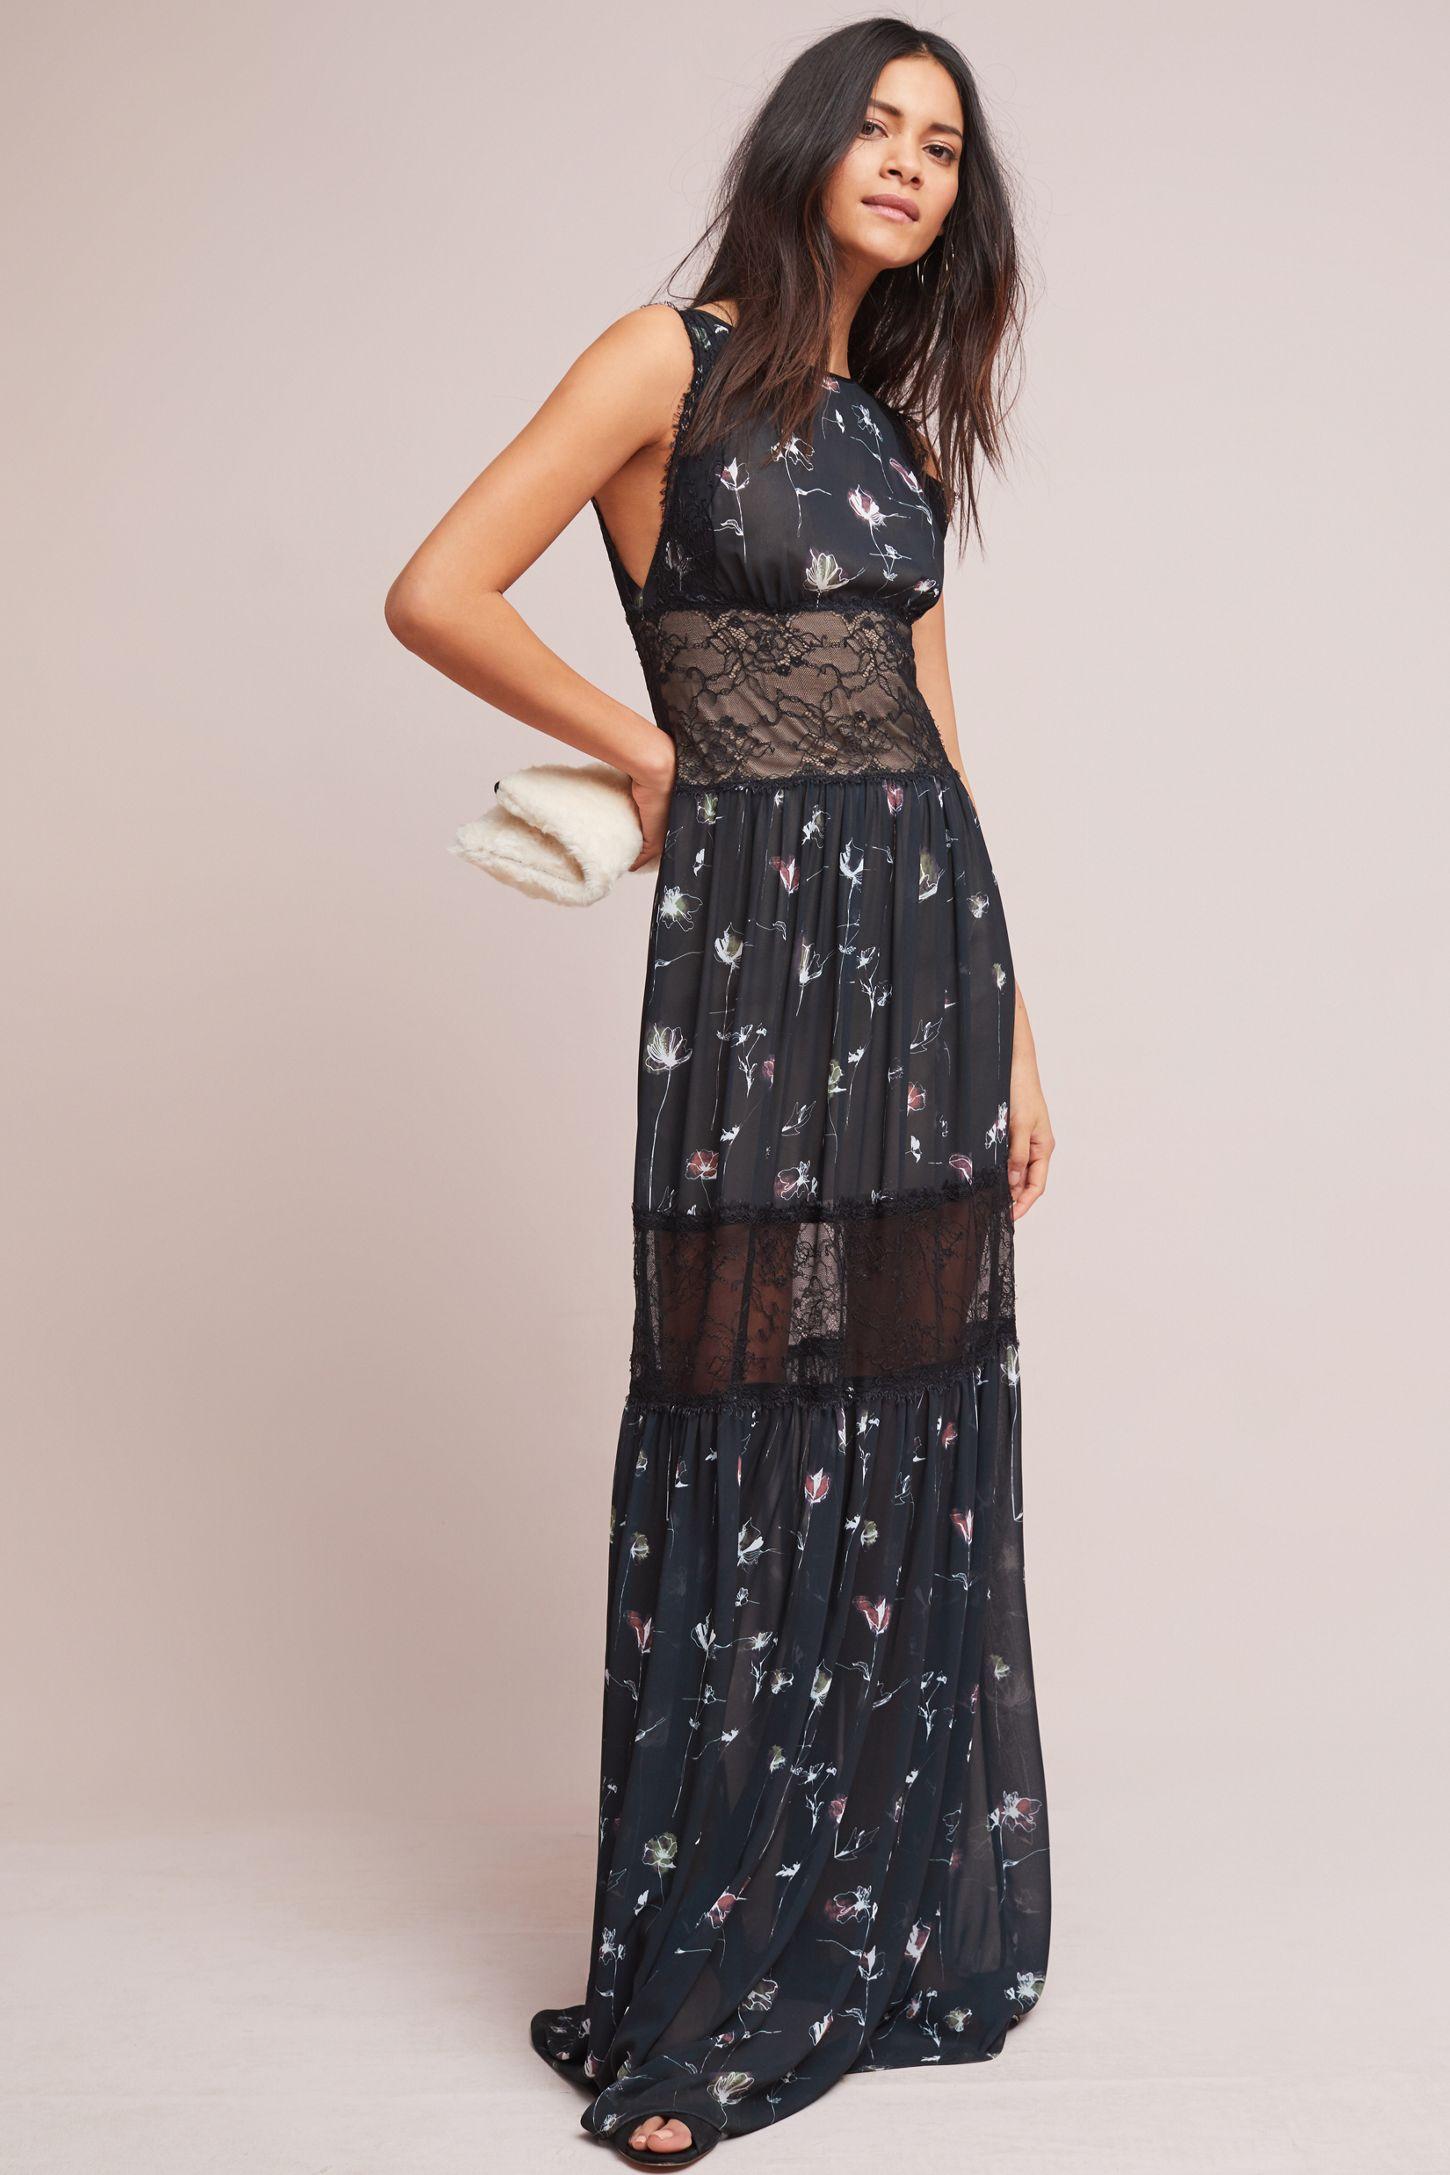 ML Monique Lhuillier Floral Lace Maxi Dress | Anthropologie